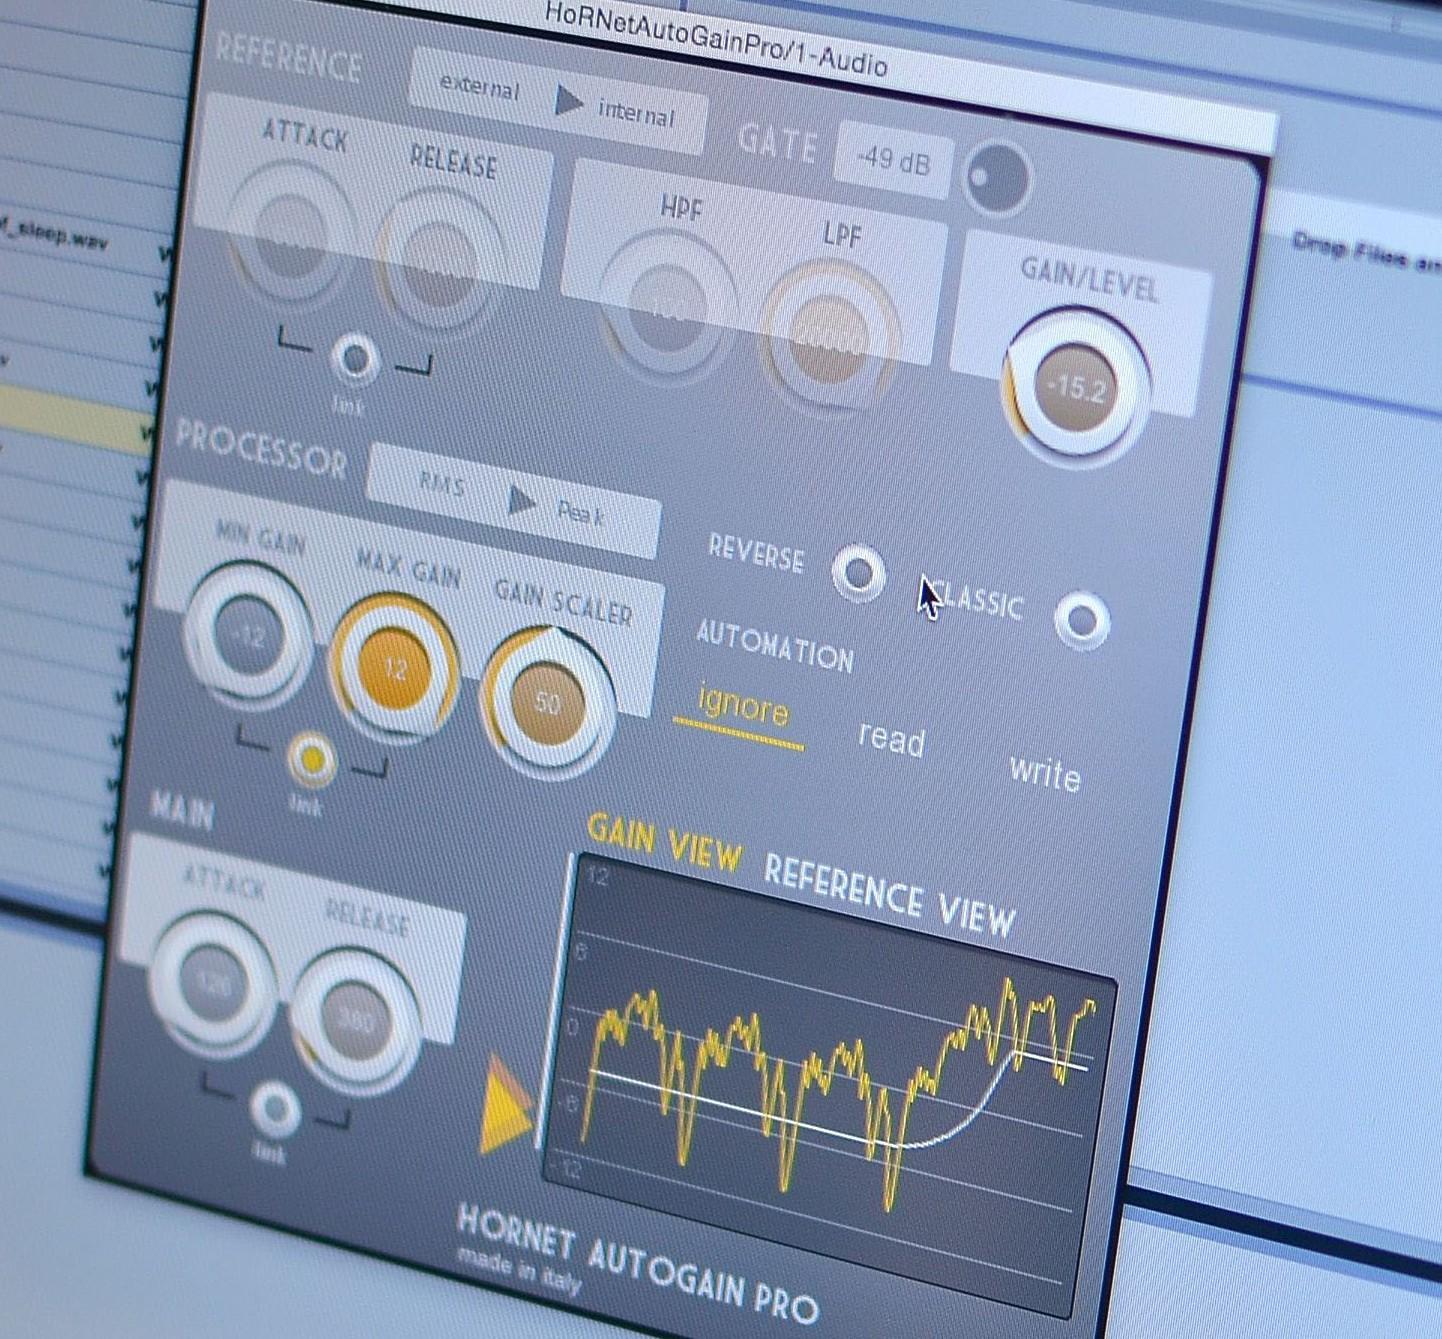 AutoGain Pro advanced volume automation